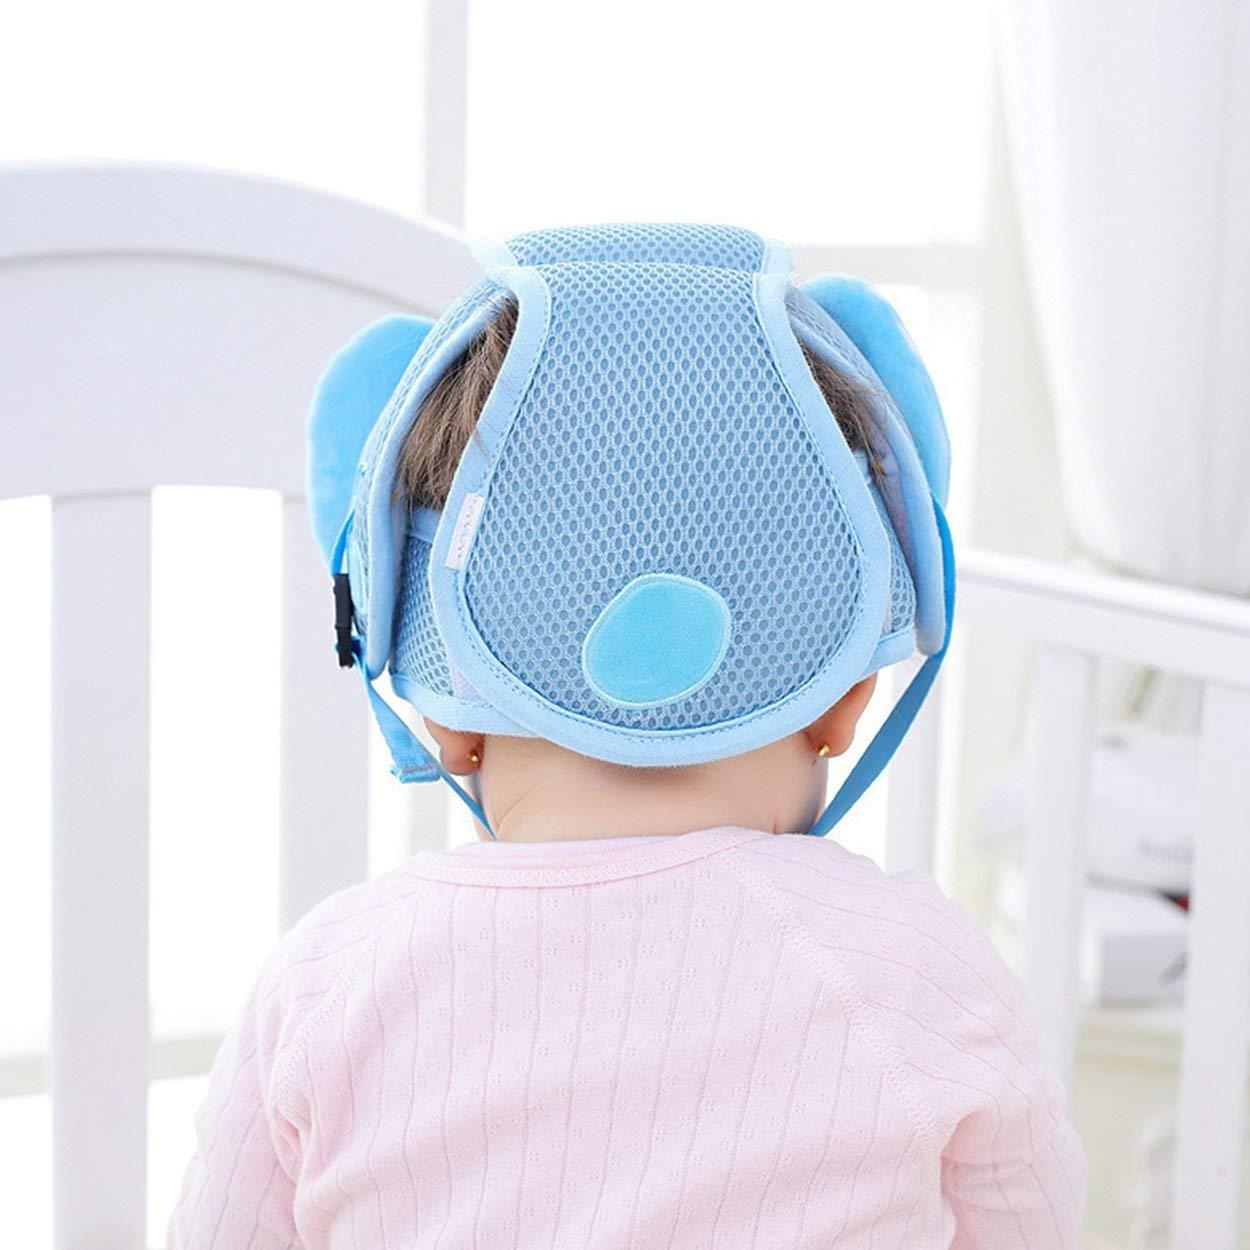 Lorenlli Casquette de protection anti-chute pour bébé Bonnet anti-collision pour bébé